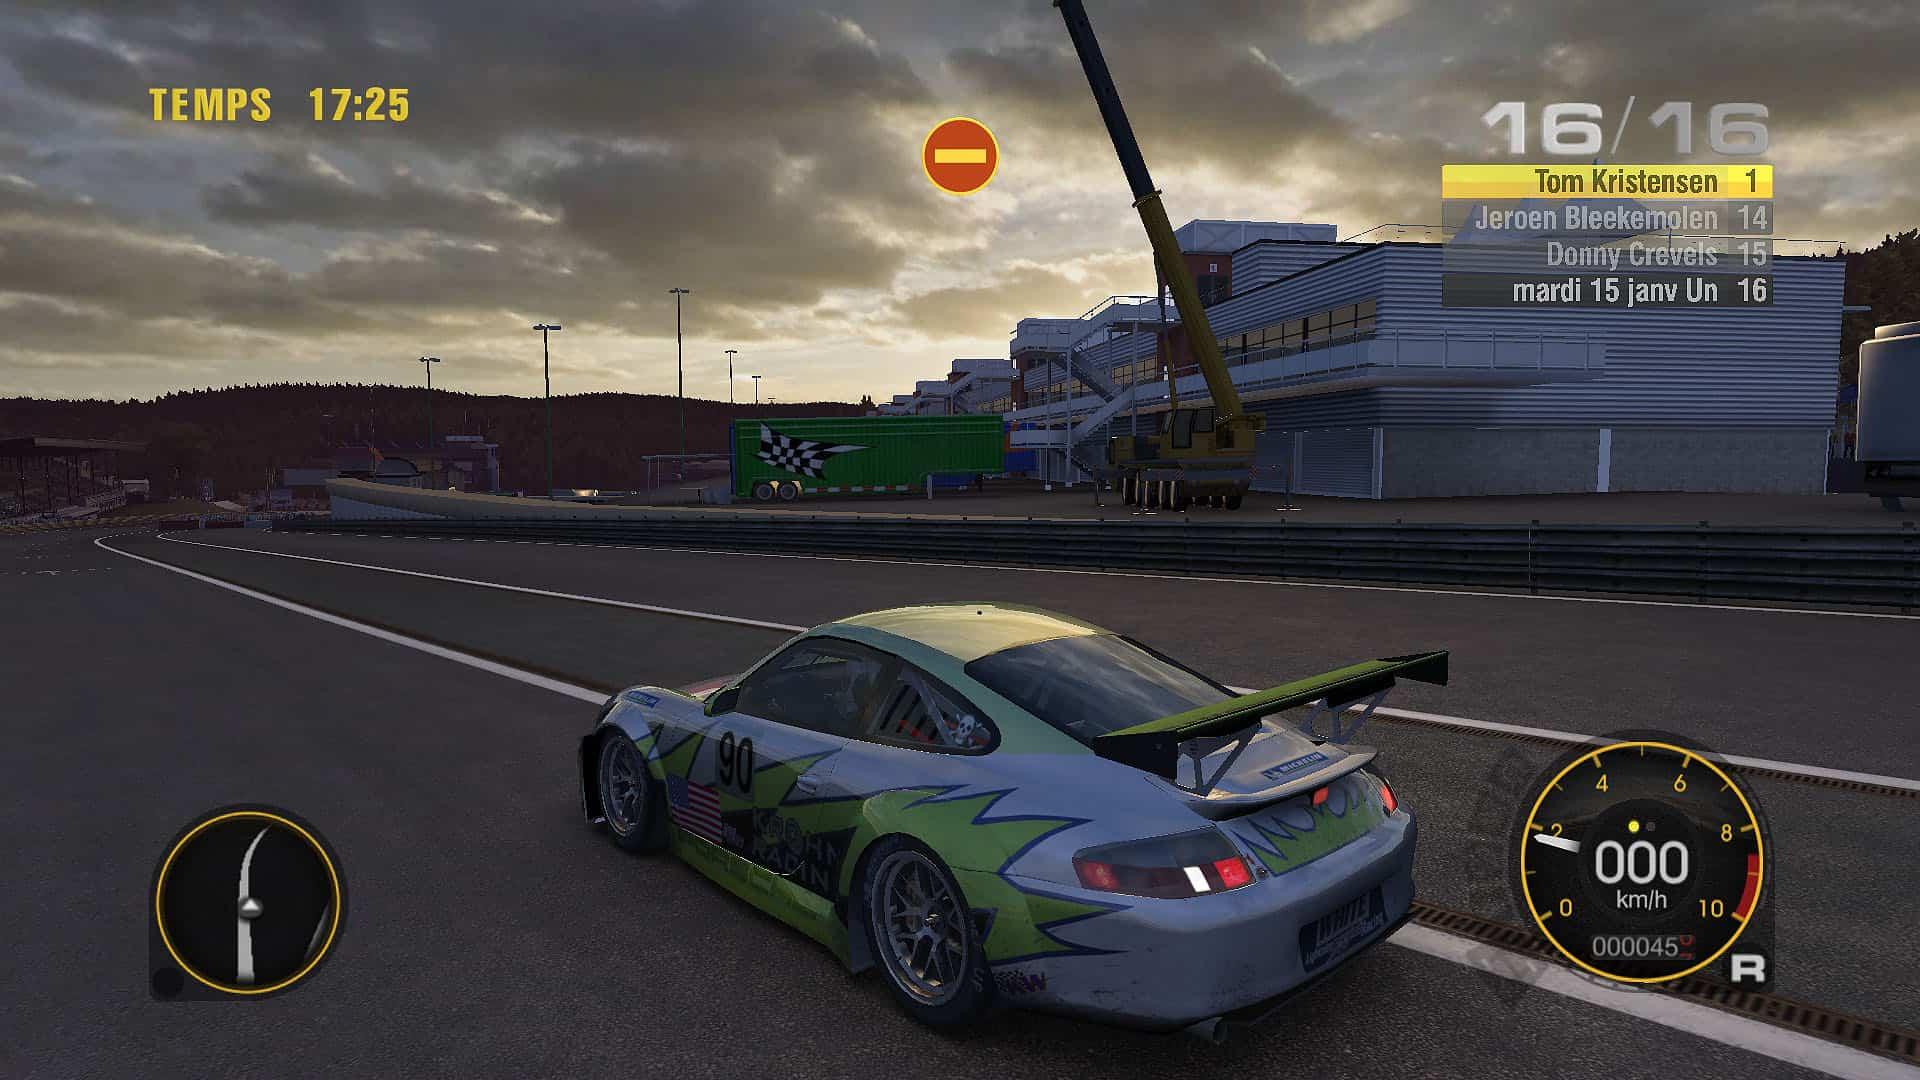 Jeu De Voiture De Course Sur Circuit - Course Automobile concernant Jeux De Cours De Voiture